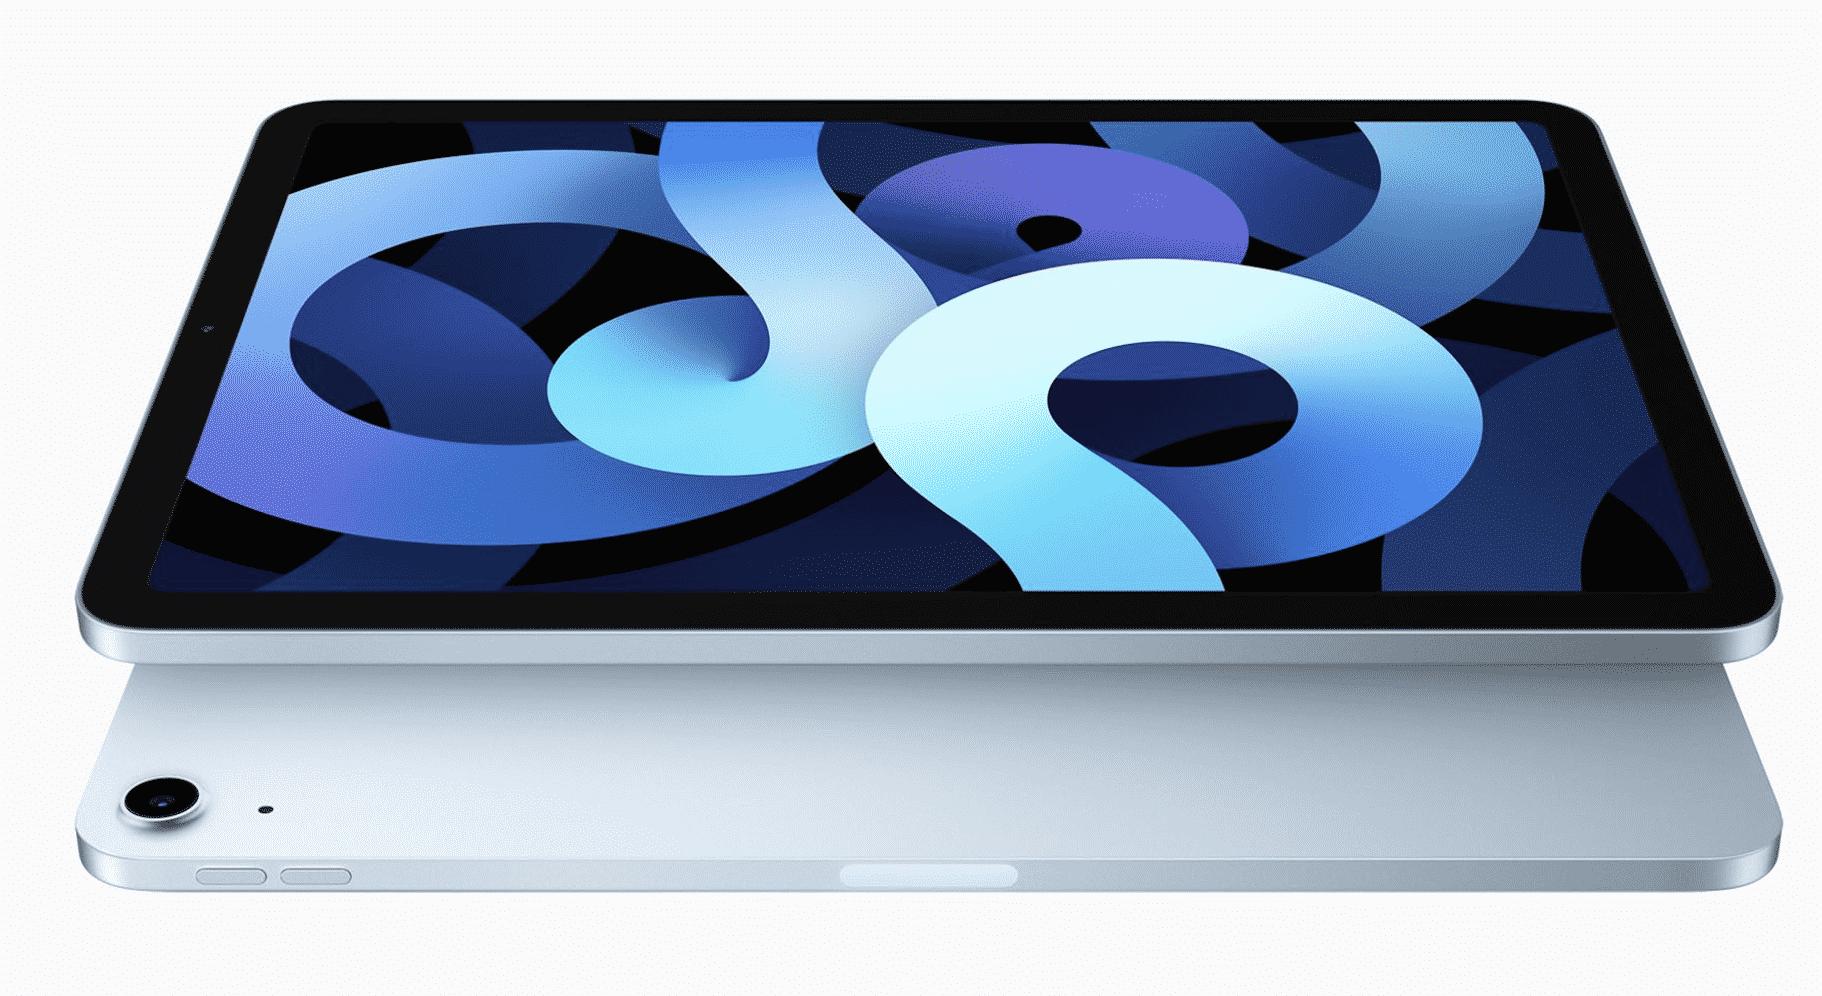 Samsung Over 2022 iPad Air Display